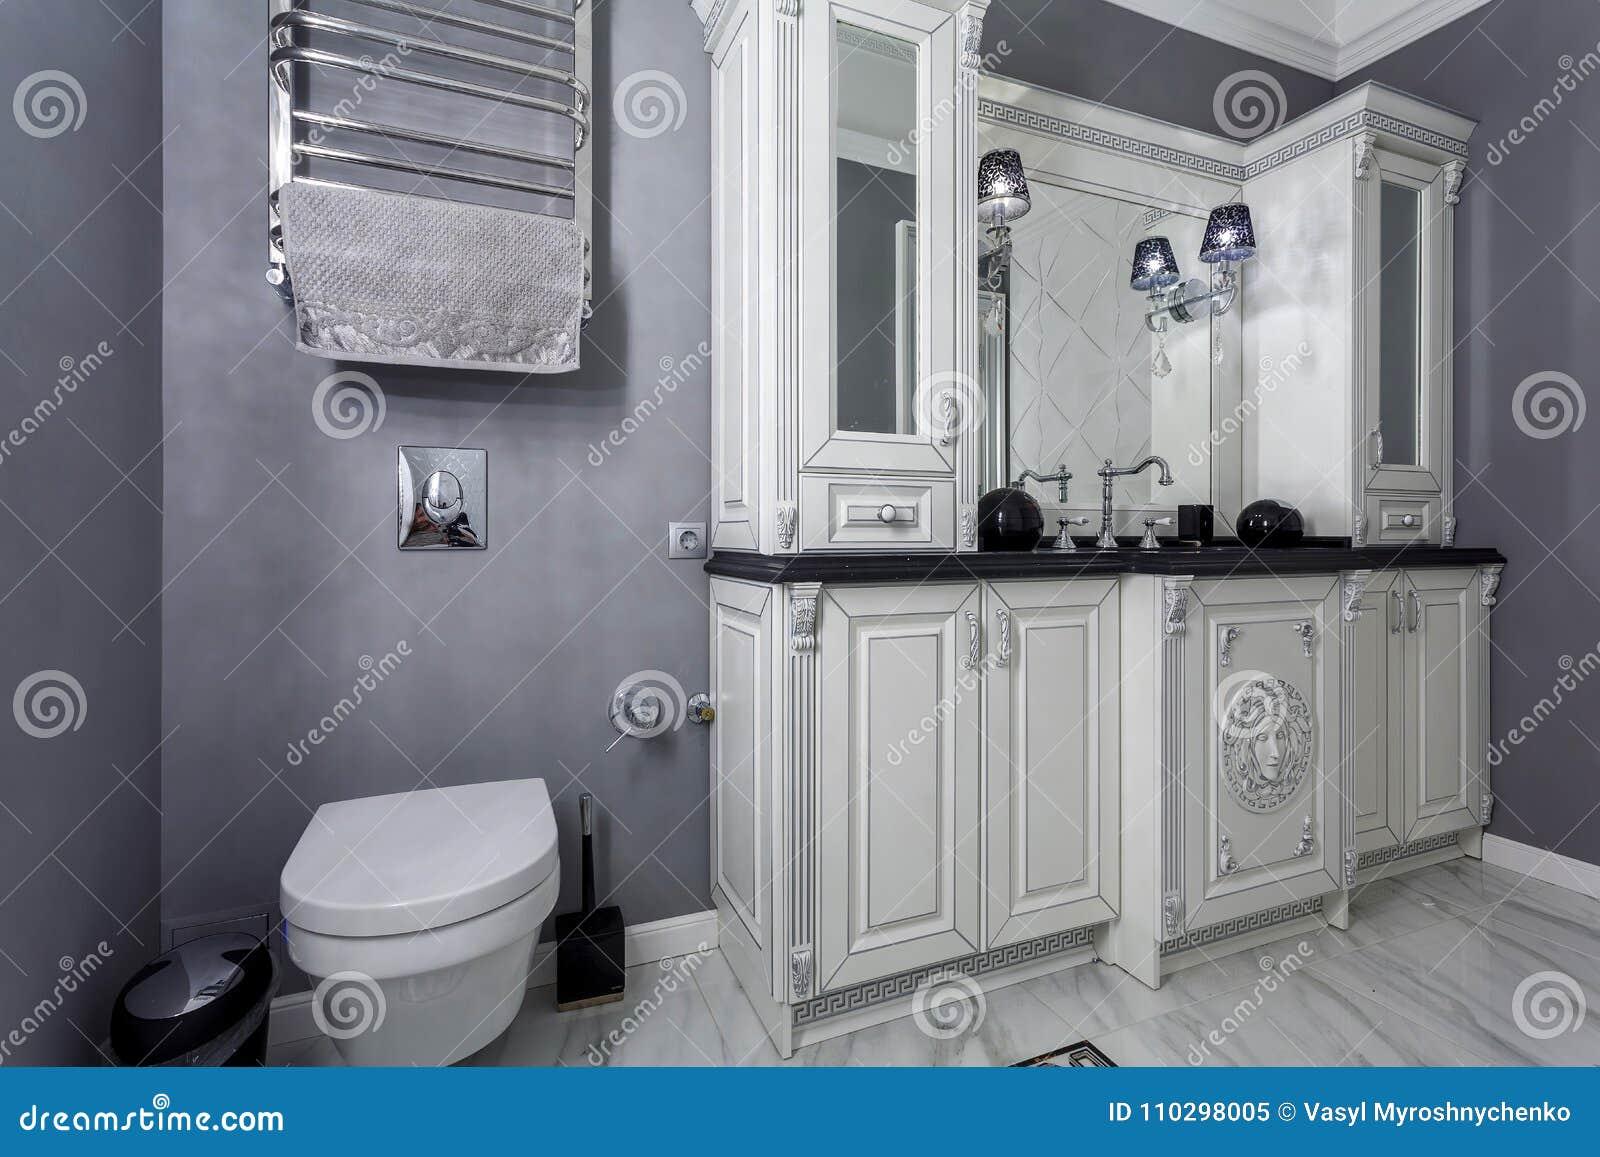 Design Bagno Classico : Bagno classico moderno contemporaneo oro imperiale rivestimento